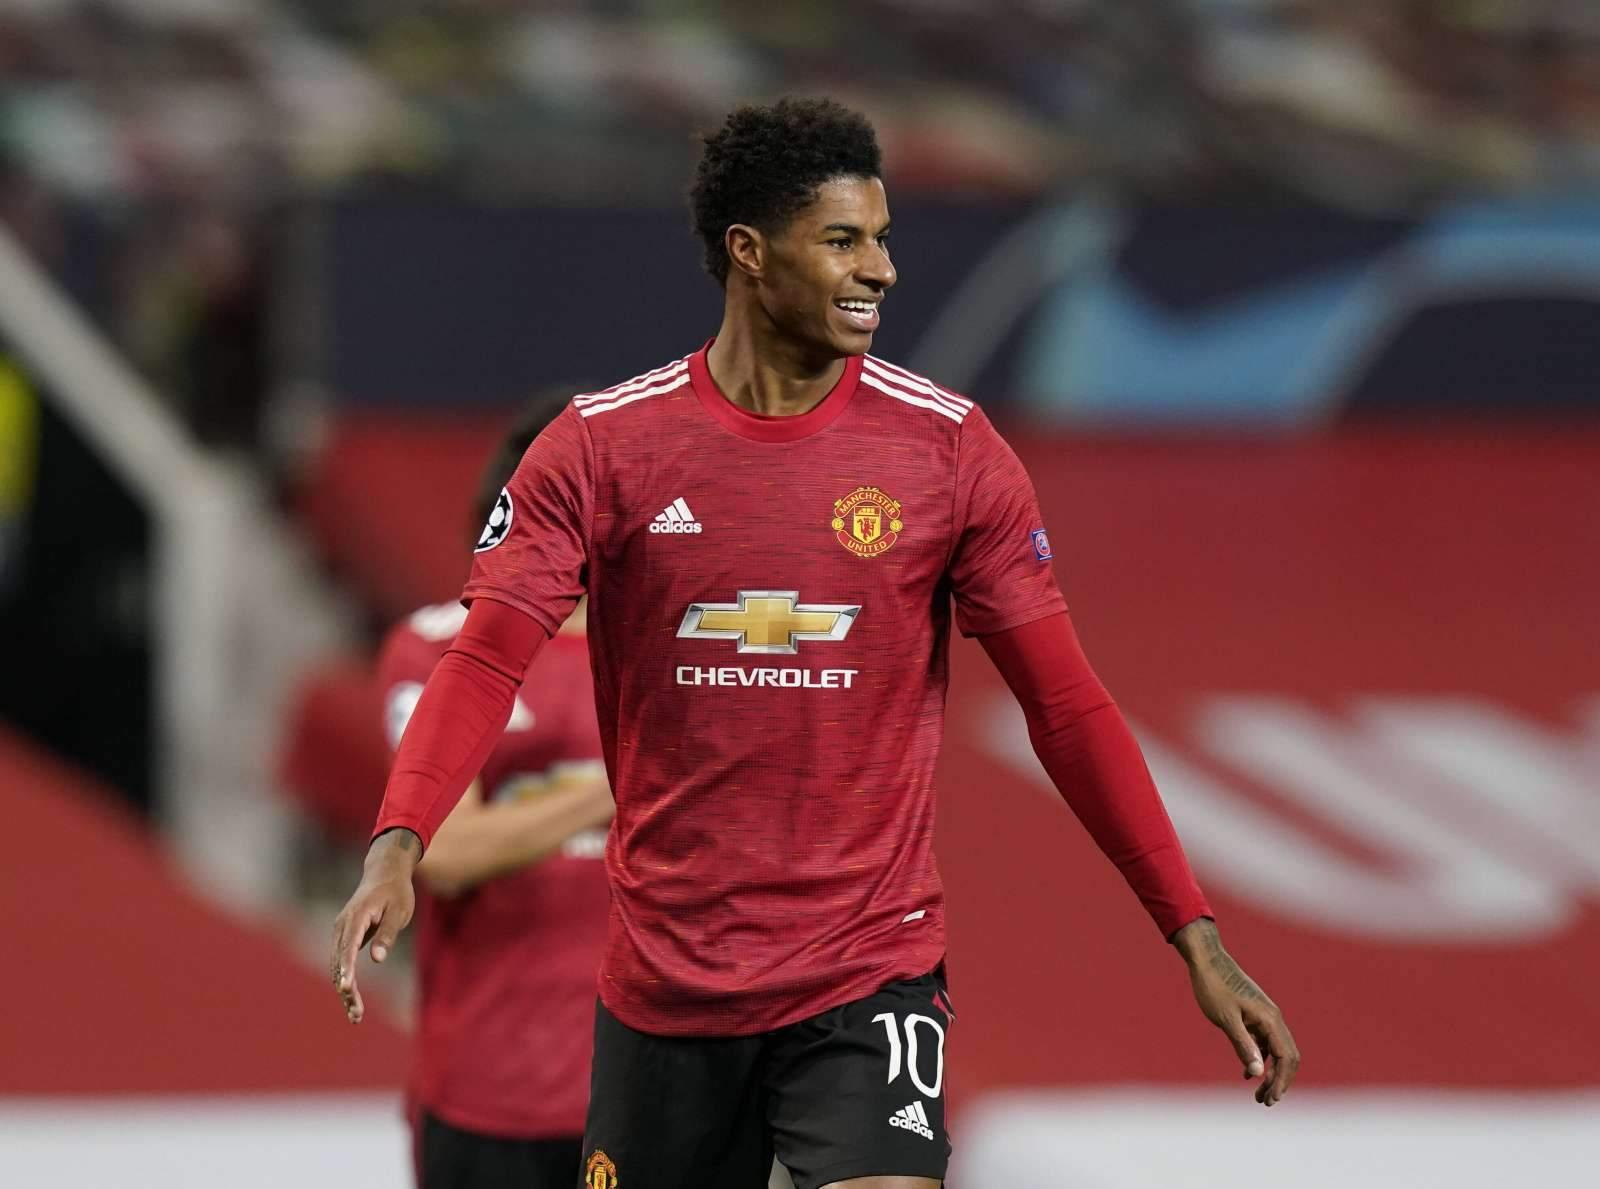 Уверенная победа «Манчестер Юнайтед» в Испании - видео